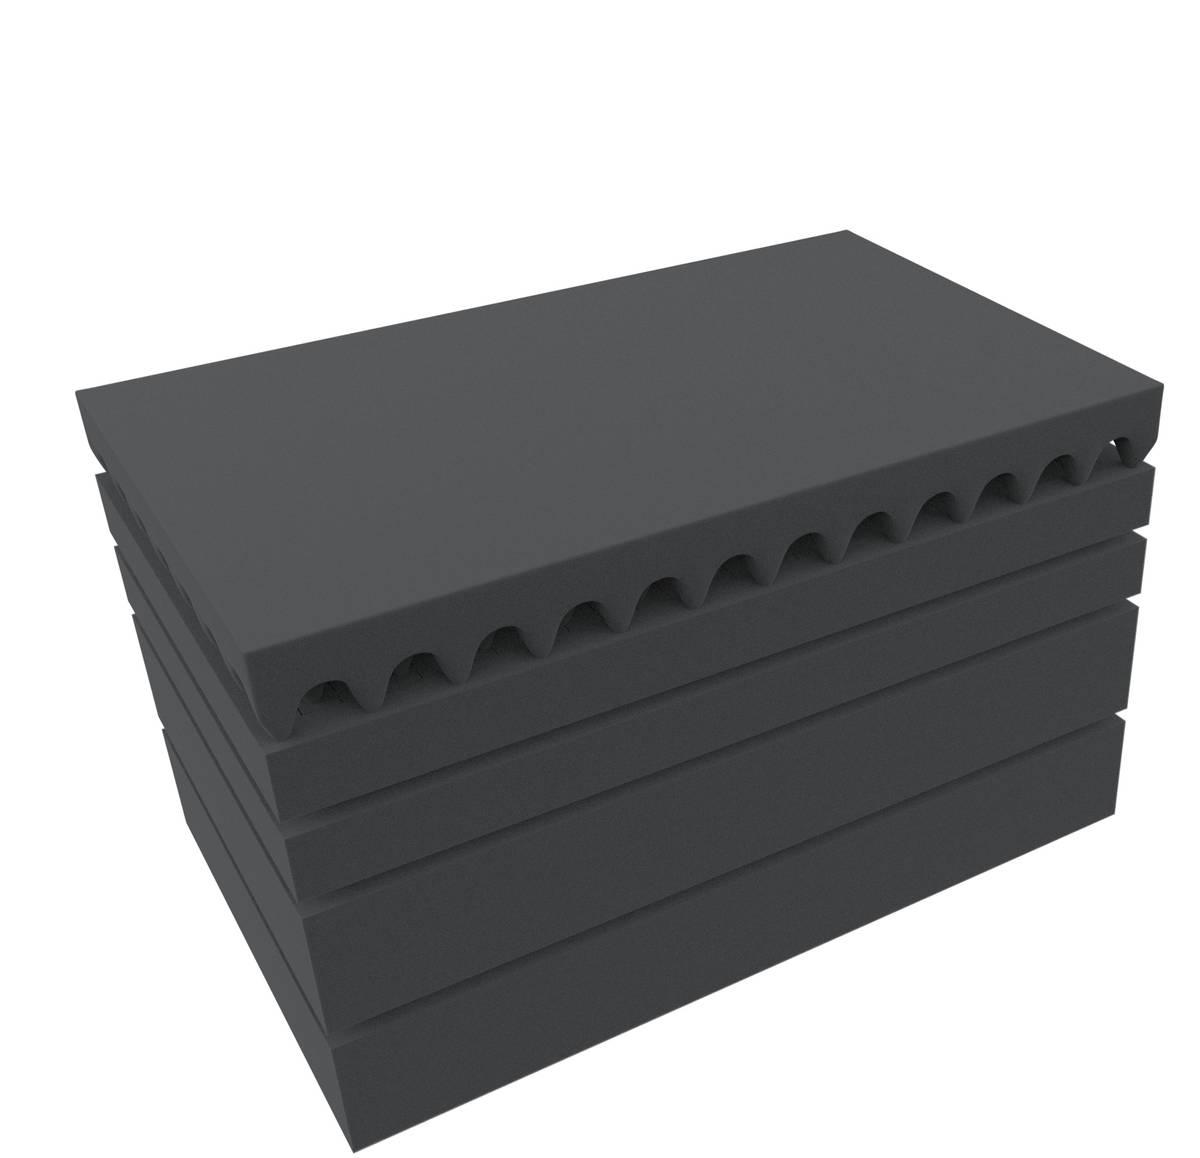 Feldherr Rasterschaumstoff für Auer Packaging Eurobehälter / Euro Box mit Scharnierdeckel / Koffer ED 64/27